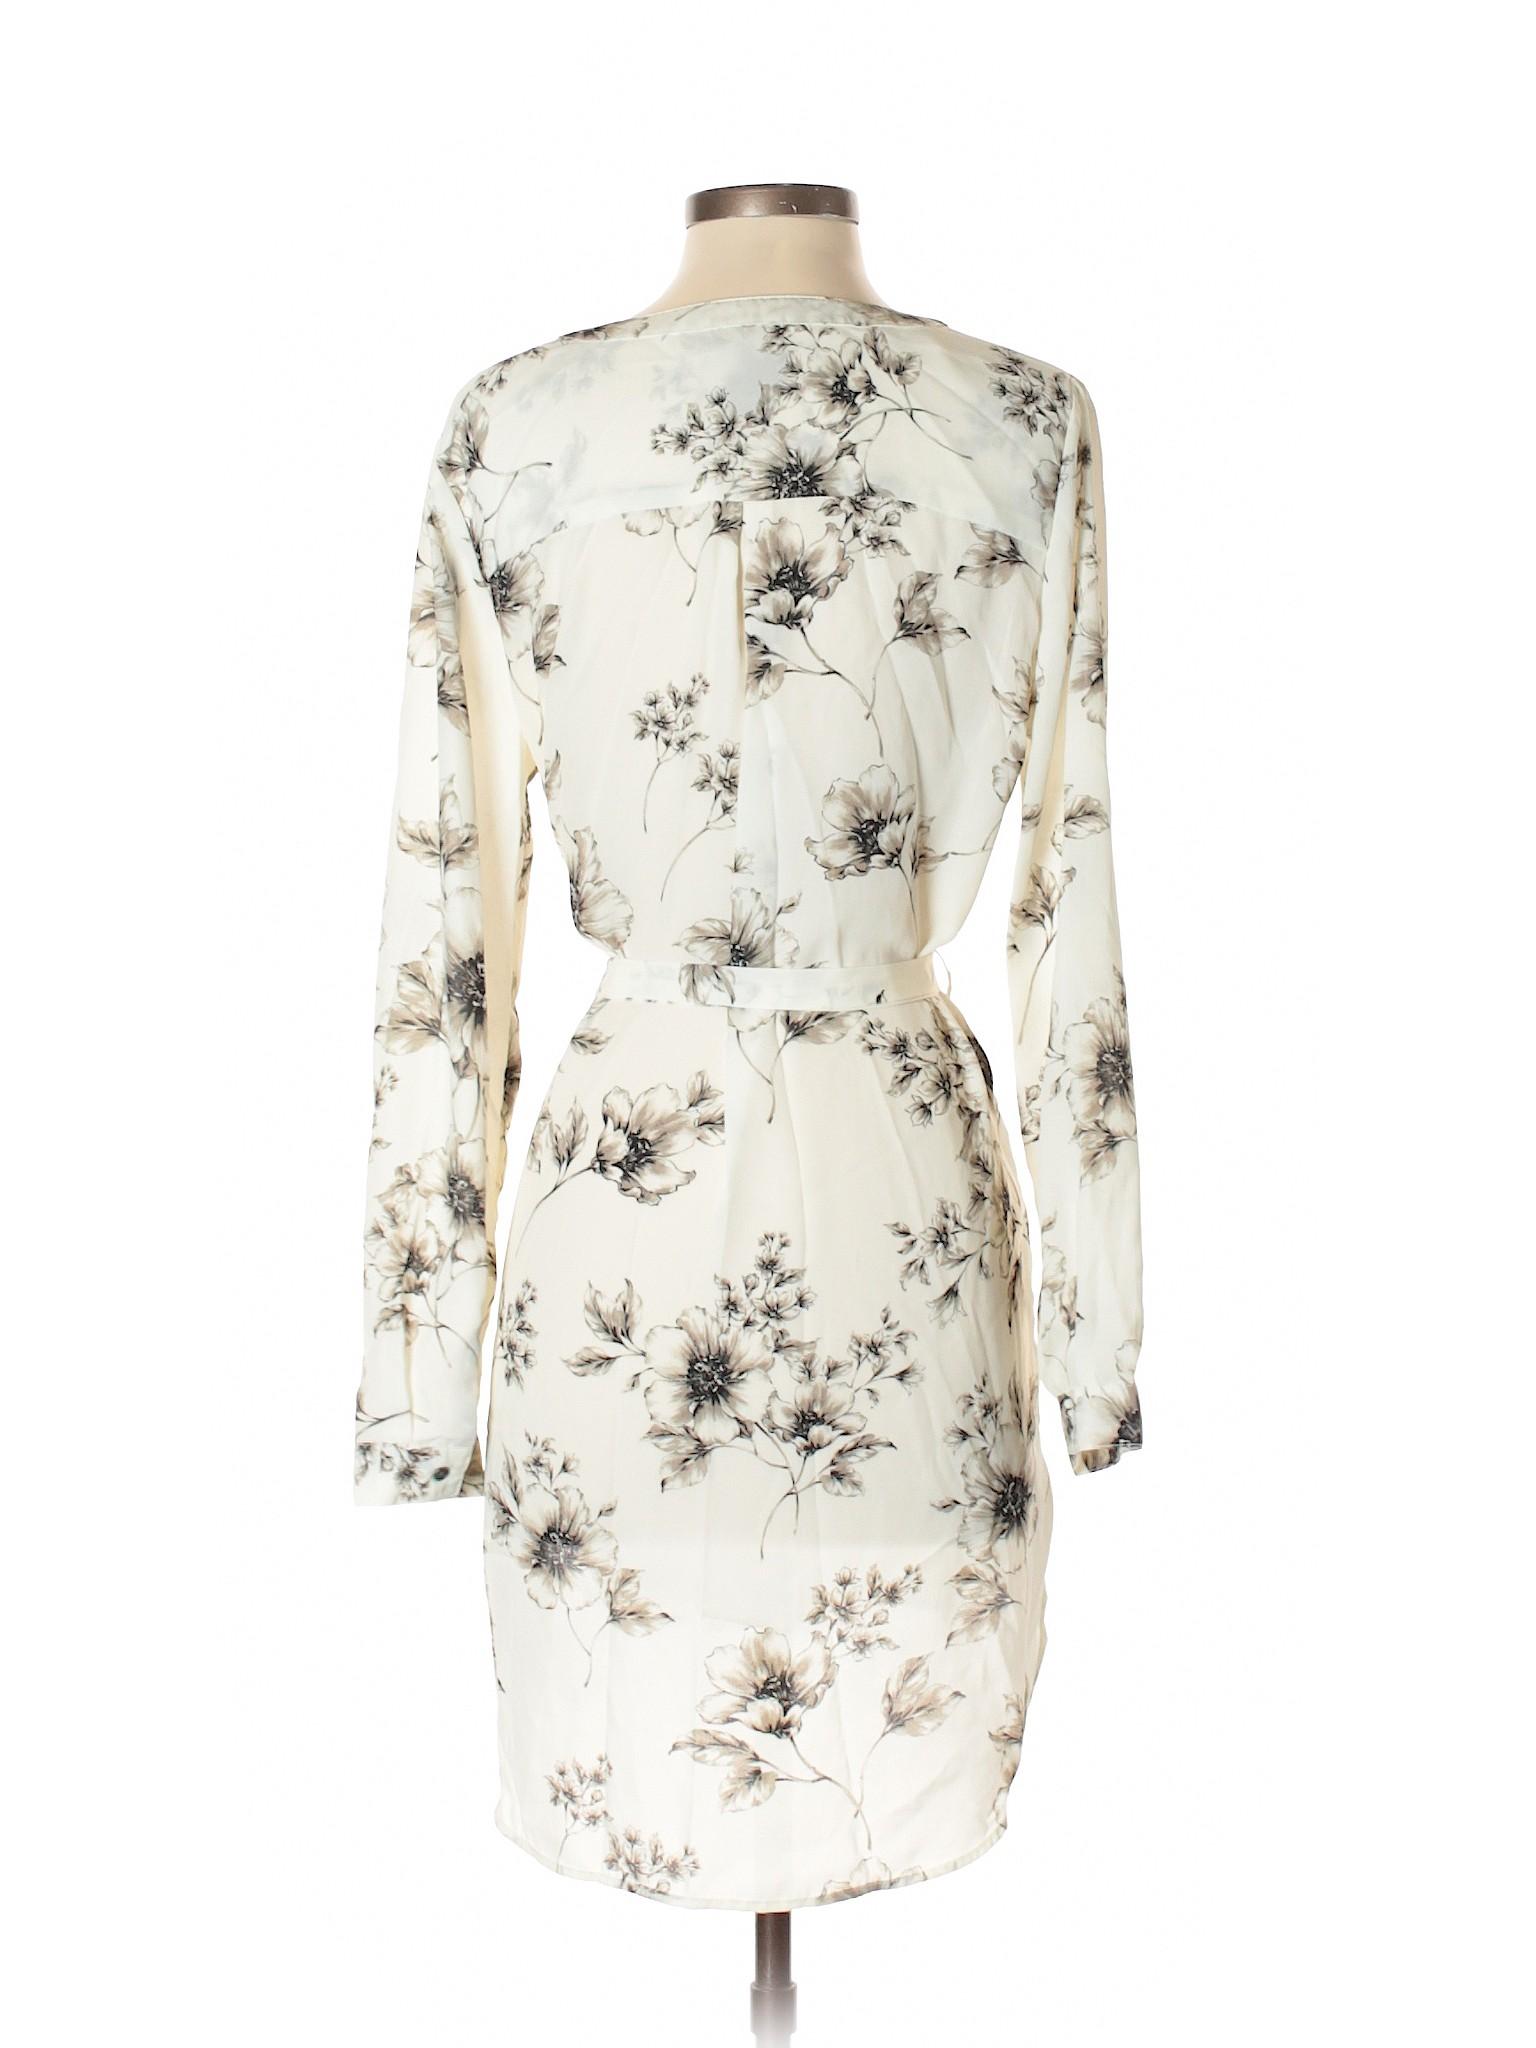 Vintage Vintage Como Selling Selling Dress Como Casual Casual Vintage Como Dress Selling Casual tS4wq0xnAE